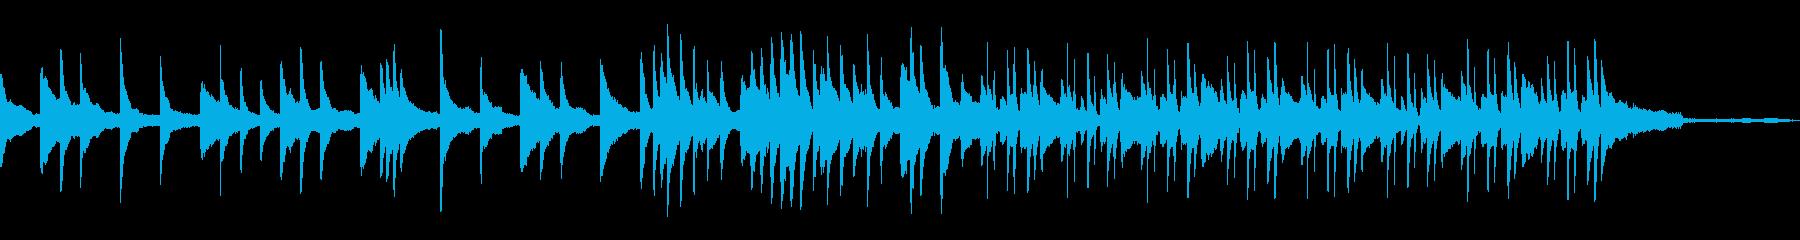 【シンセ抜1分版】穏やかな雰囲気のピアノの再生済みの波形